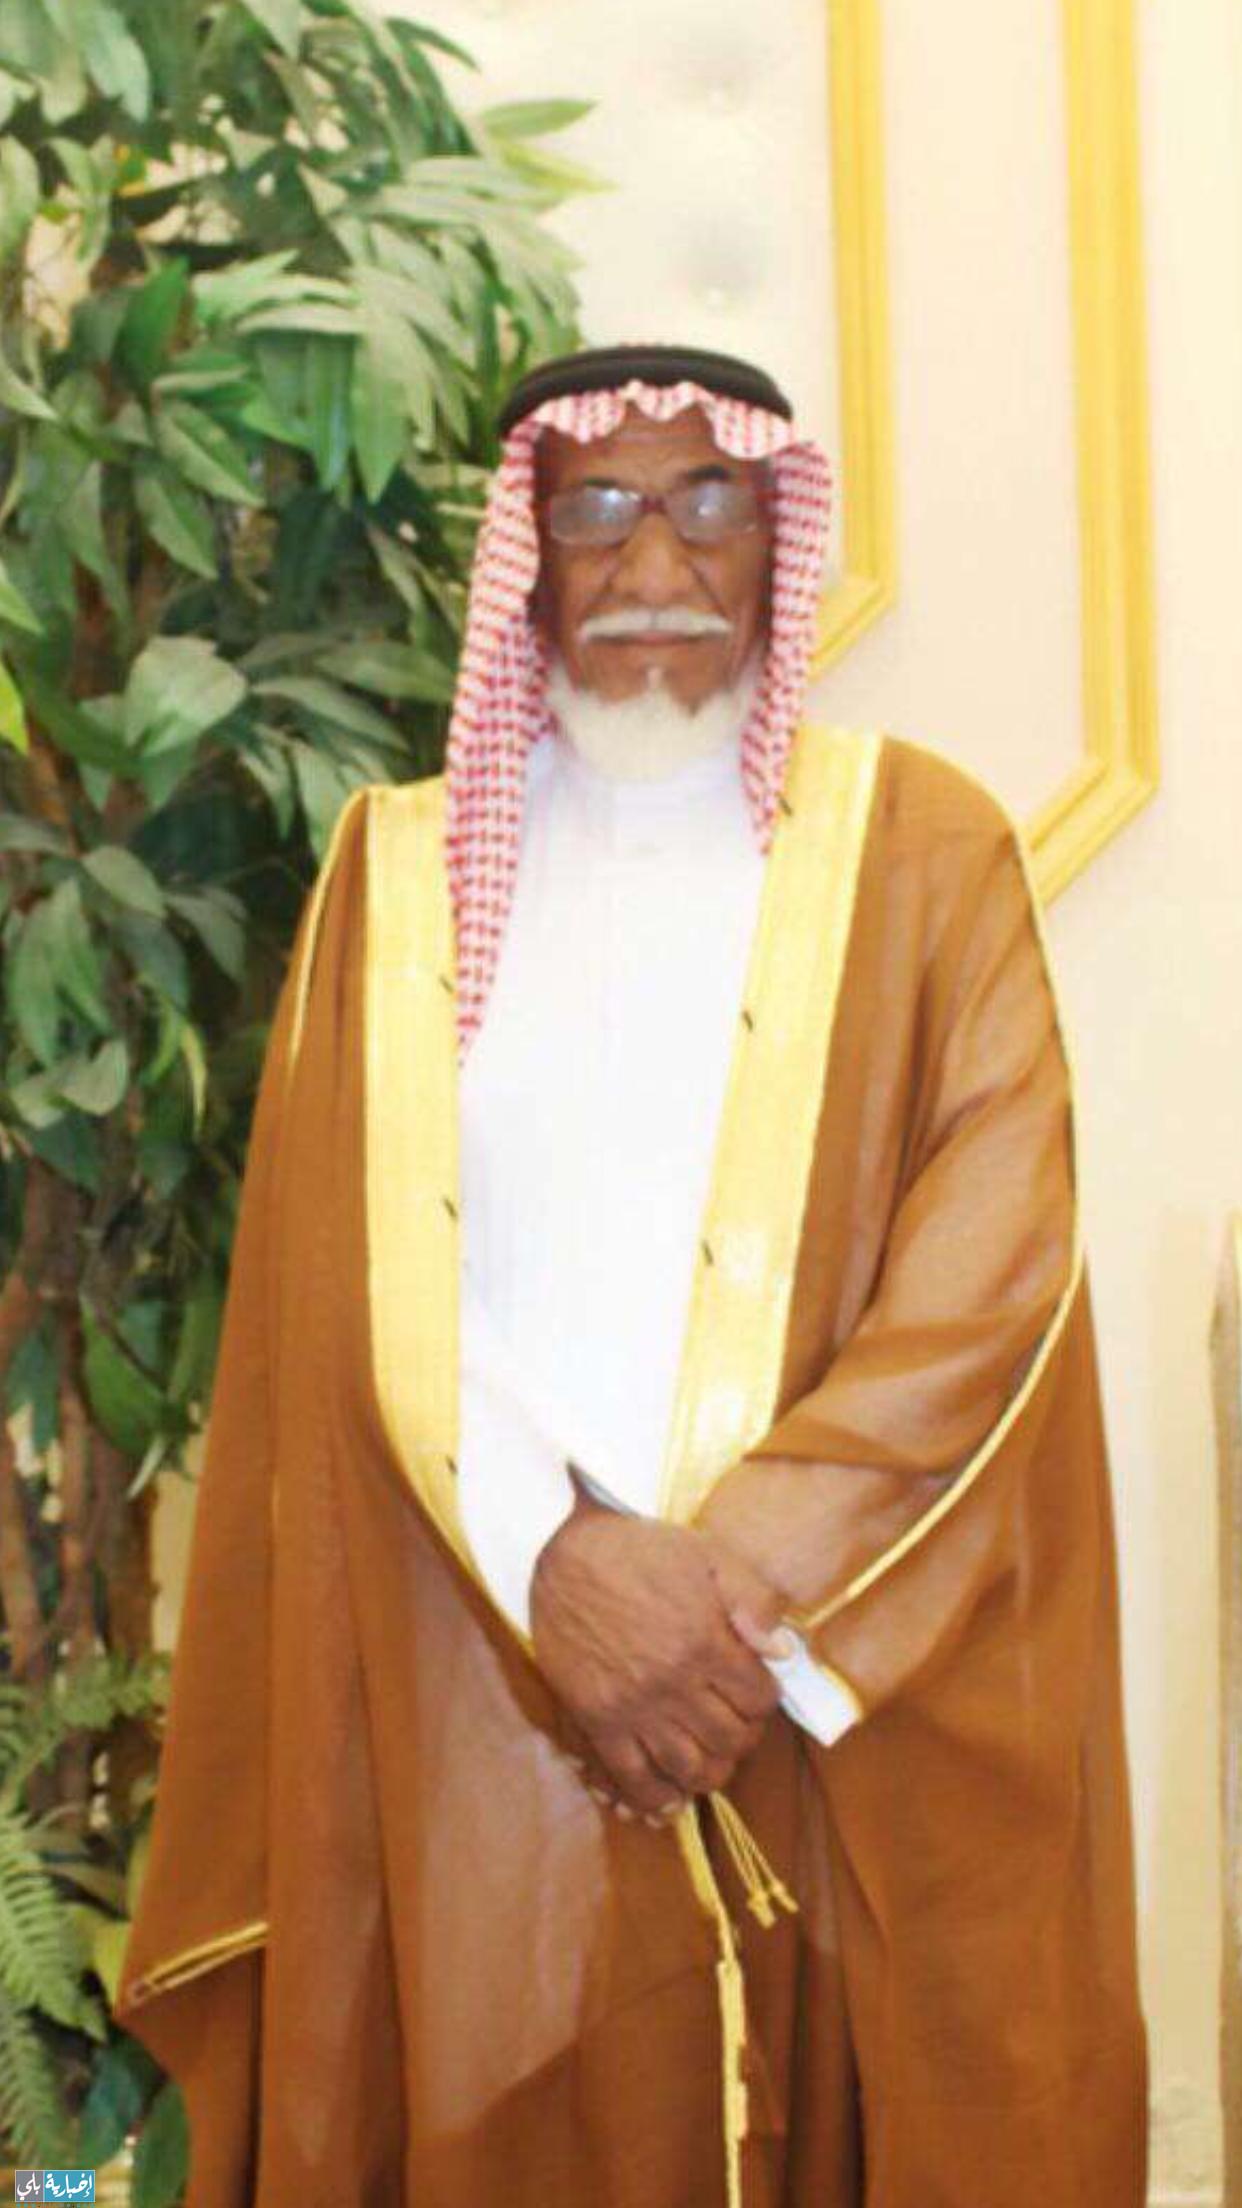 مبايعة الشيخ / سالم بن حمد البويني البلوي لولي العهد الامير محمد بن سلمان